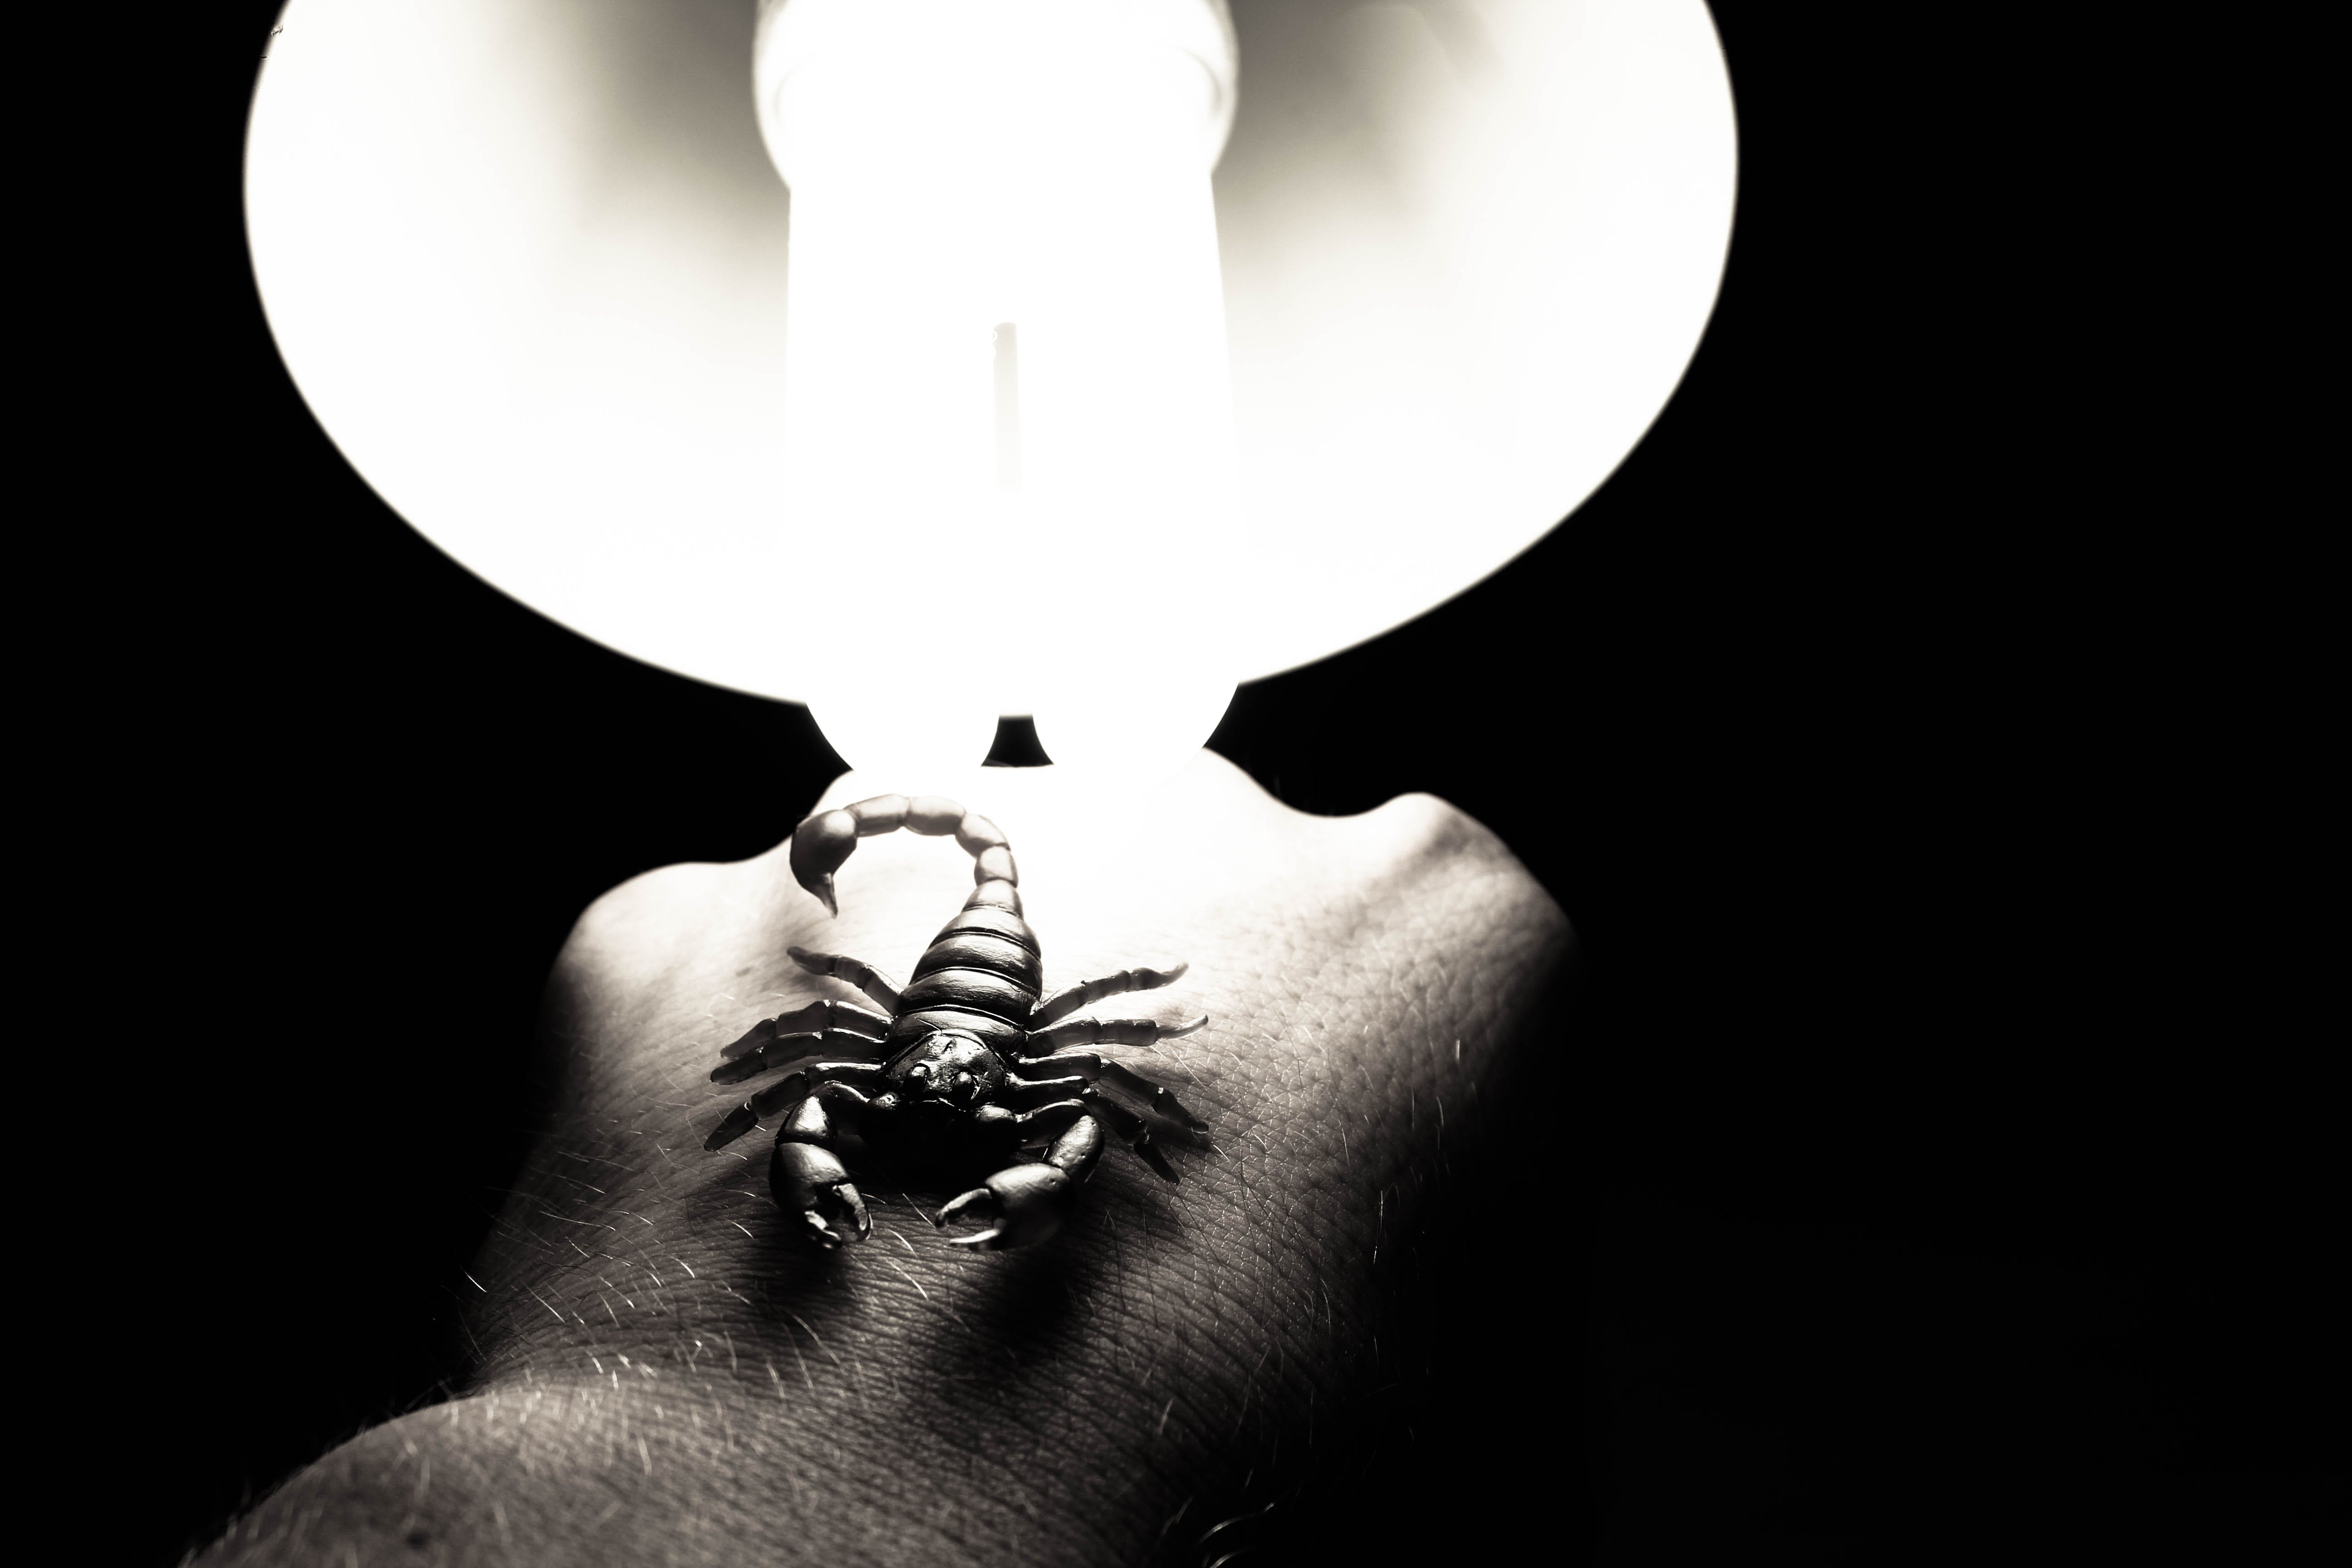 Free stock photo of dark, hand, scorpion